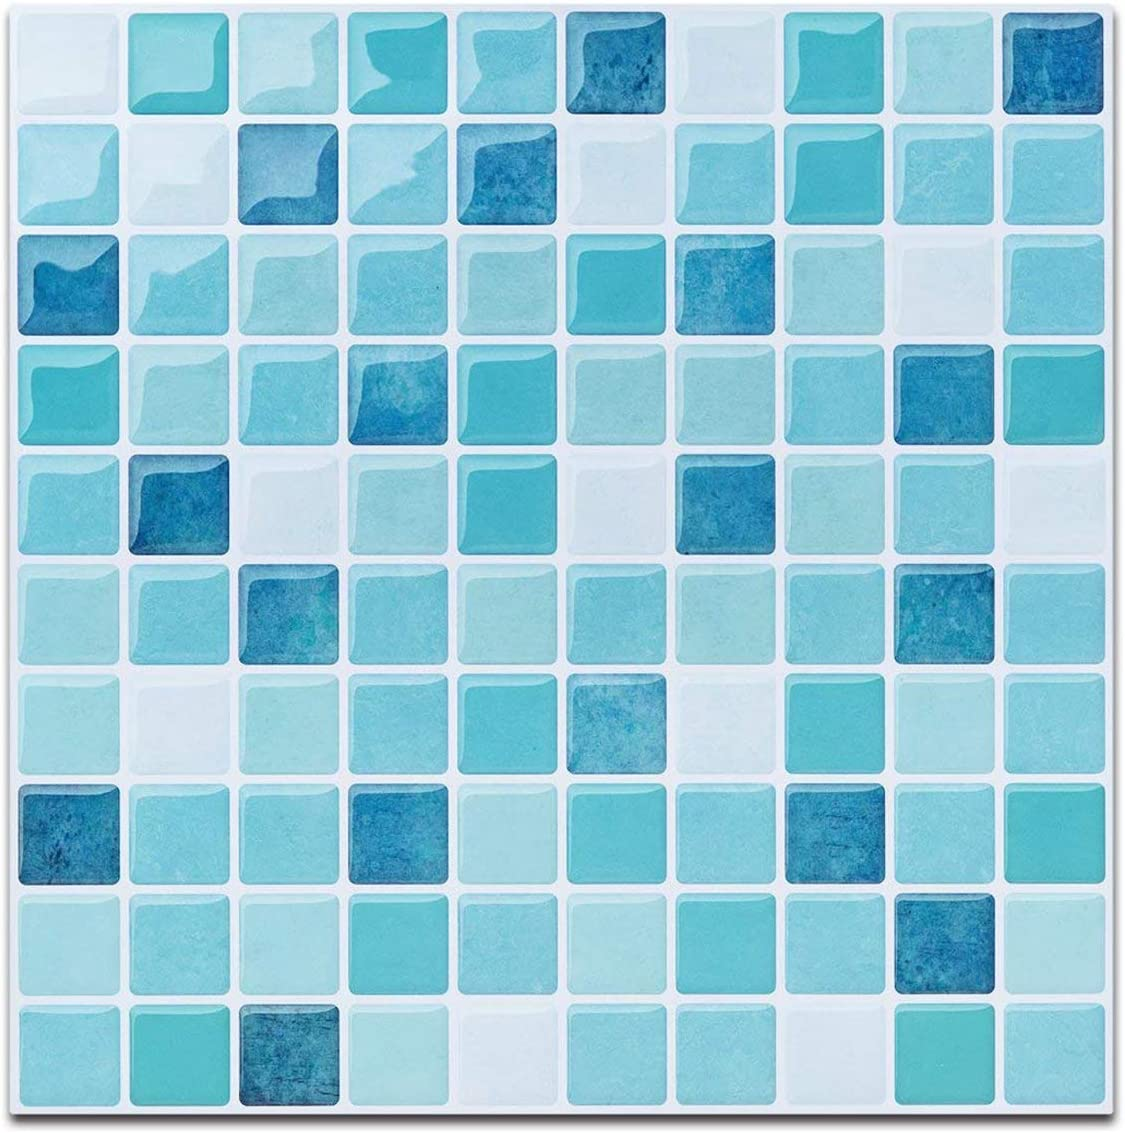 - Blue Peel And Stick Tile For Kitchen Backsplash-Mist Colored